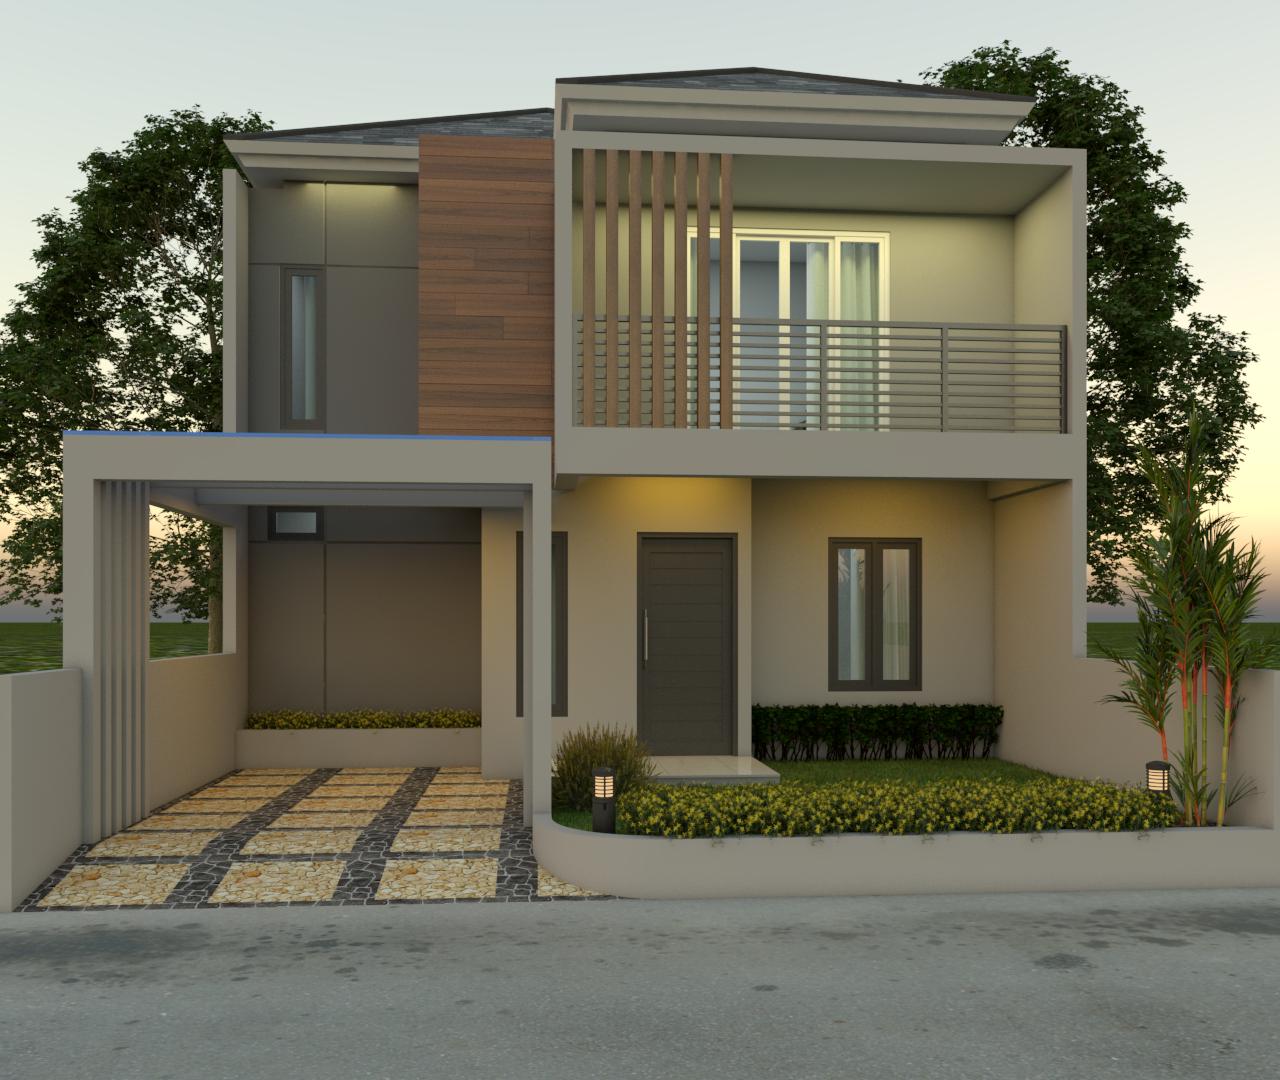 3 - Desain Rumah Minimalis 2 Lantai